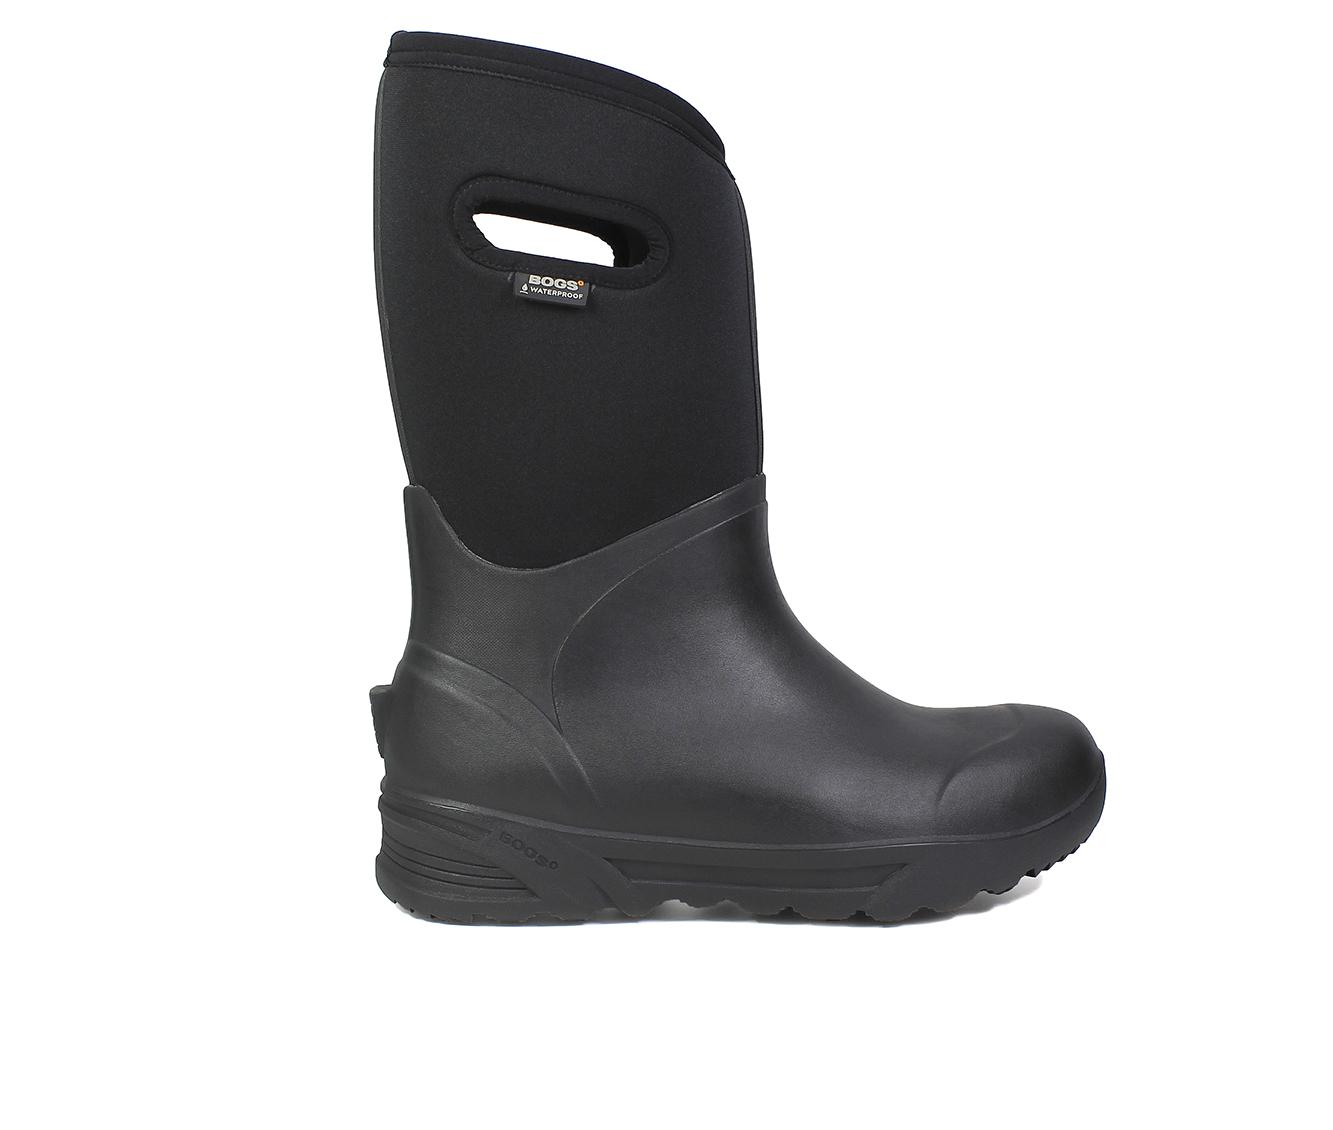 Bogs Footwear Bozeman Men's Boots (Black Fabric)